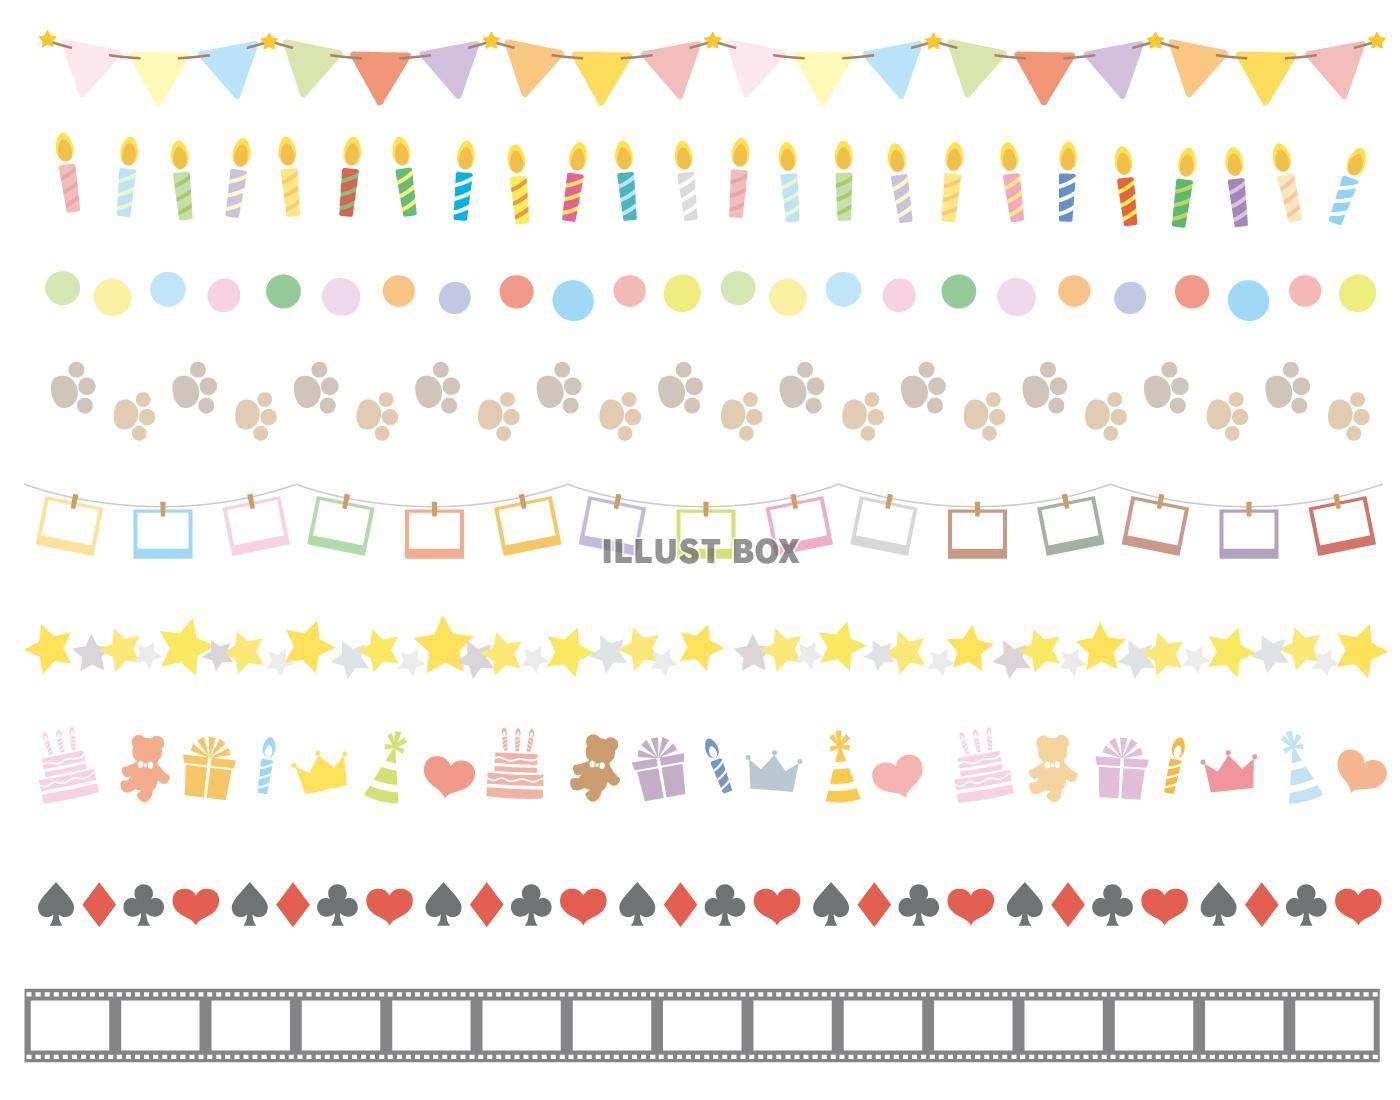 誕生日の可愛いイラストが無料 イラストボックス